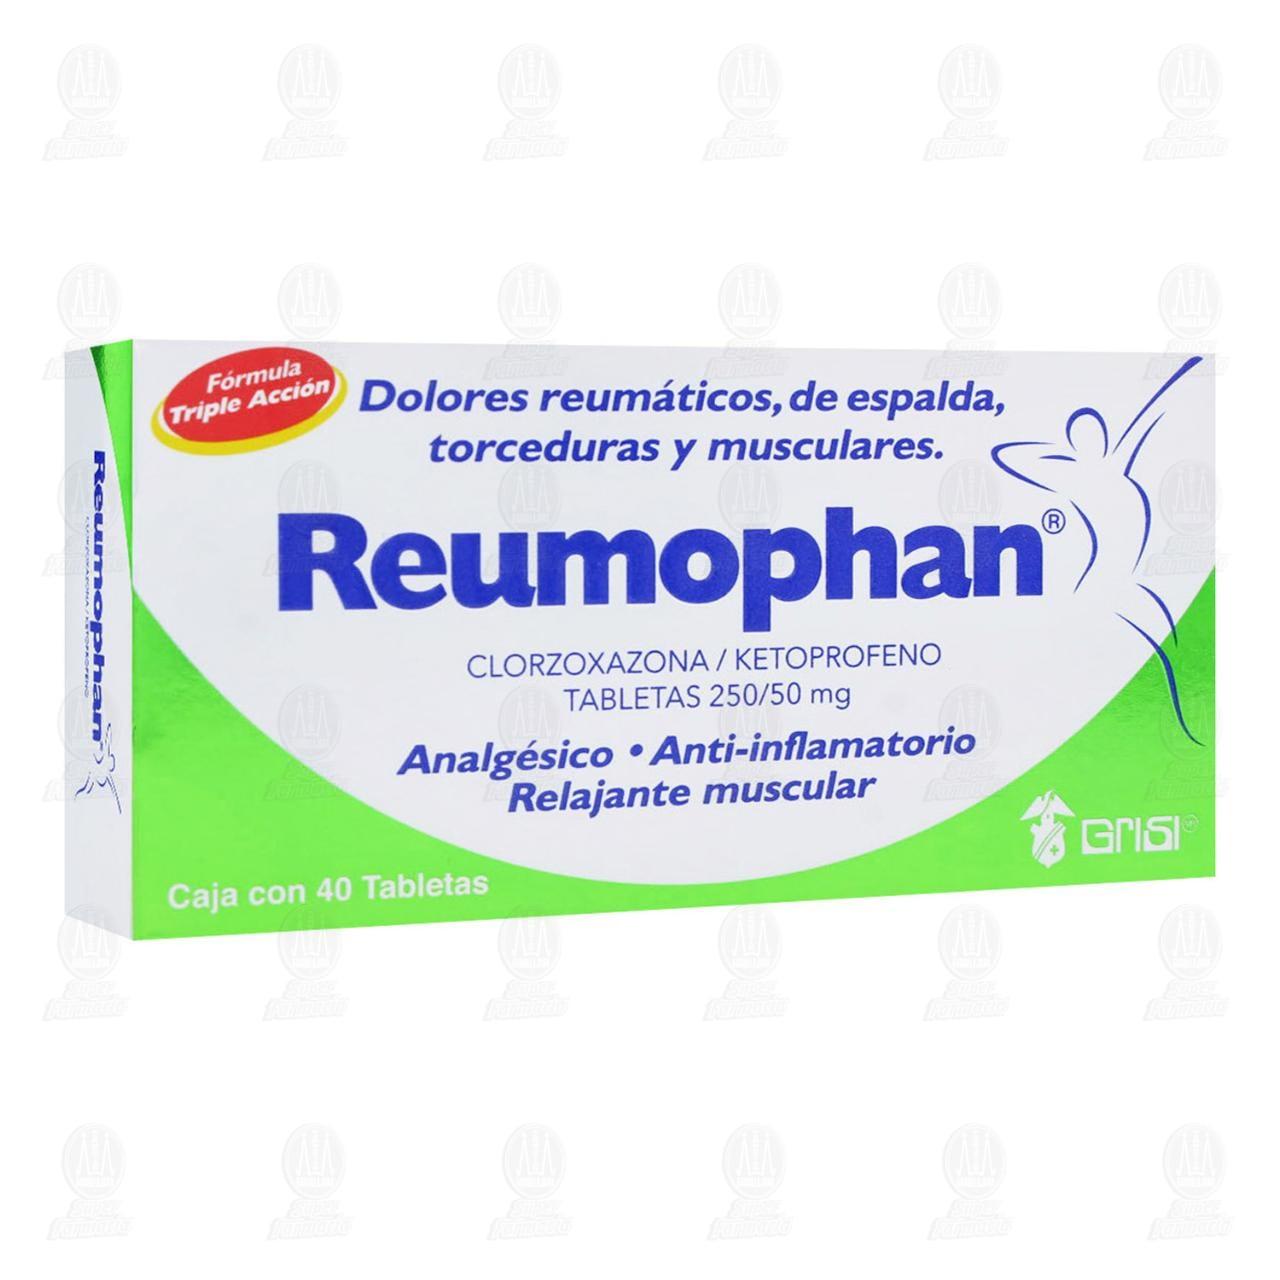 Reumophan 40 Tabletas